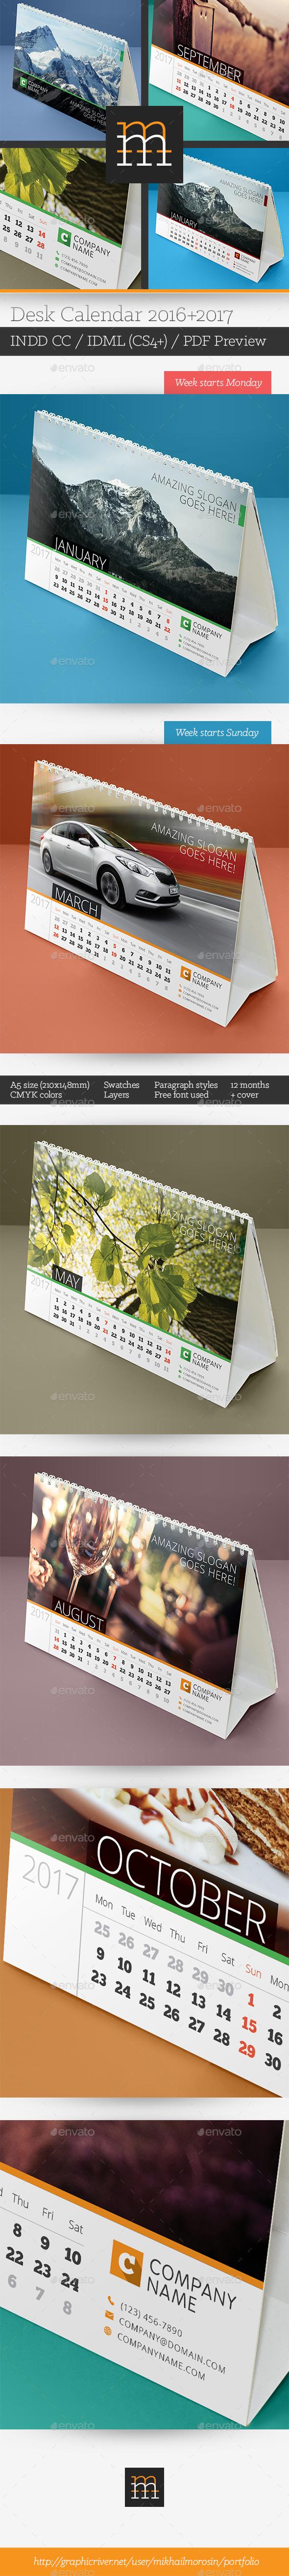 2016+2017 Desk Calendar - Calendars Stationery